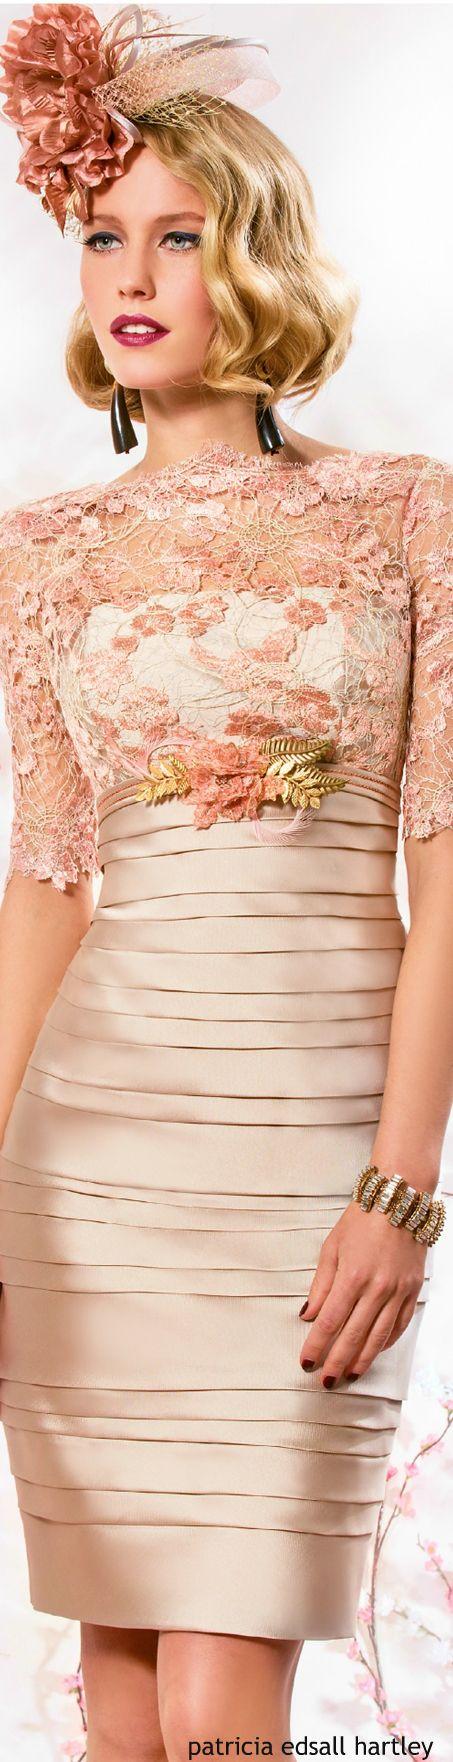 ♞ t h e c o u n t r y m a n o r {my country house. what to wear?} ♞ Valerio Luna diseños hermosos vestido